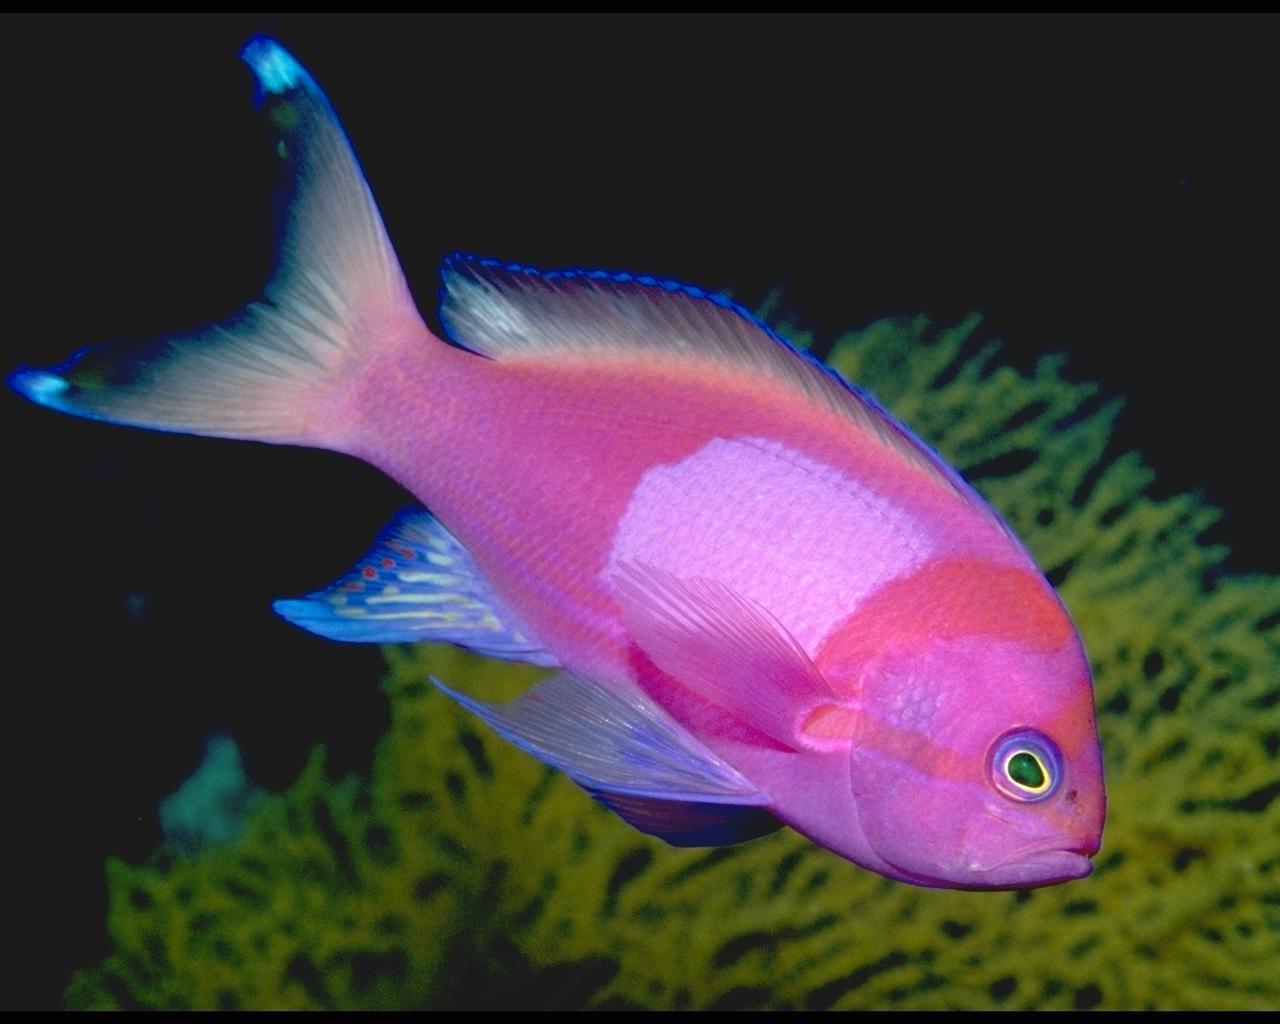 http://2.bp.blogspot.com/-5E6oeh3uMxs/UI4tG3WTAtI/AAAAAAAAA9k/77pdF_iYbnE/s1600/Beautiful-Life-of+Fish.jpg